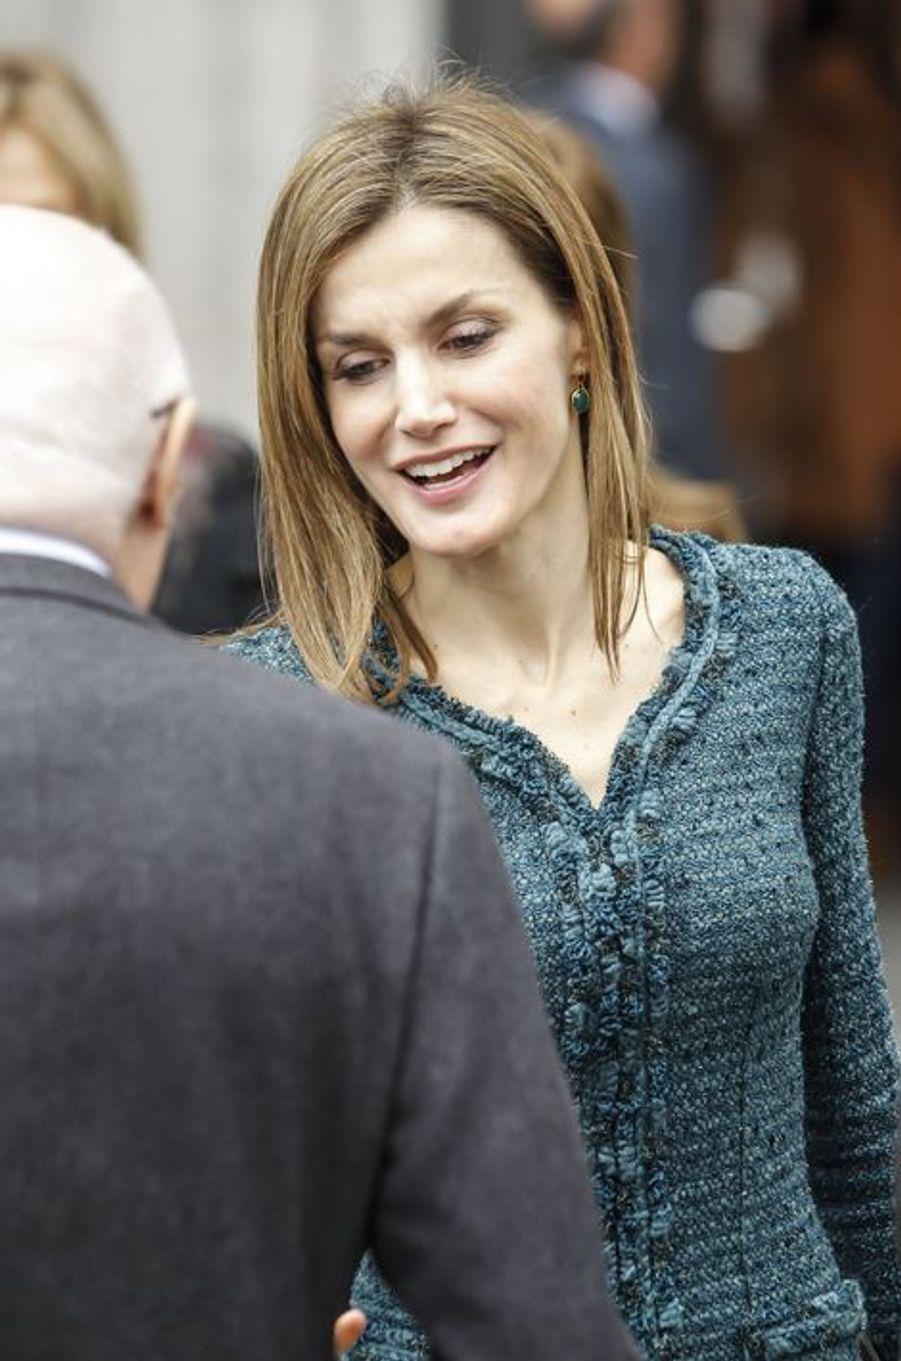 La reine Letizia d'Espagne inaugure deux expositions au Musée Reina Sofia à Madrid, le 17 mars 2015